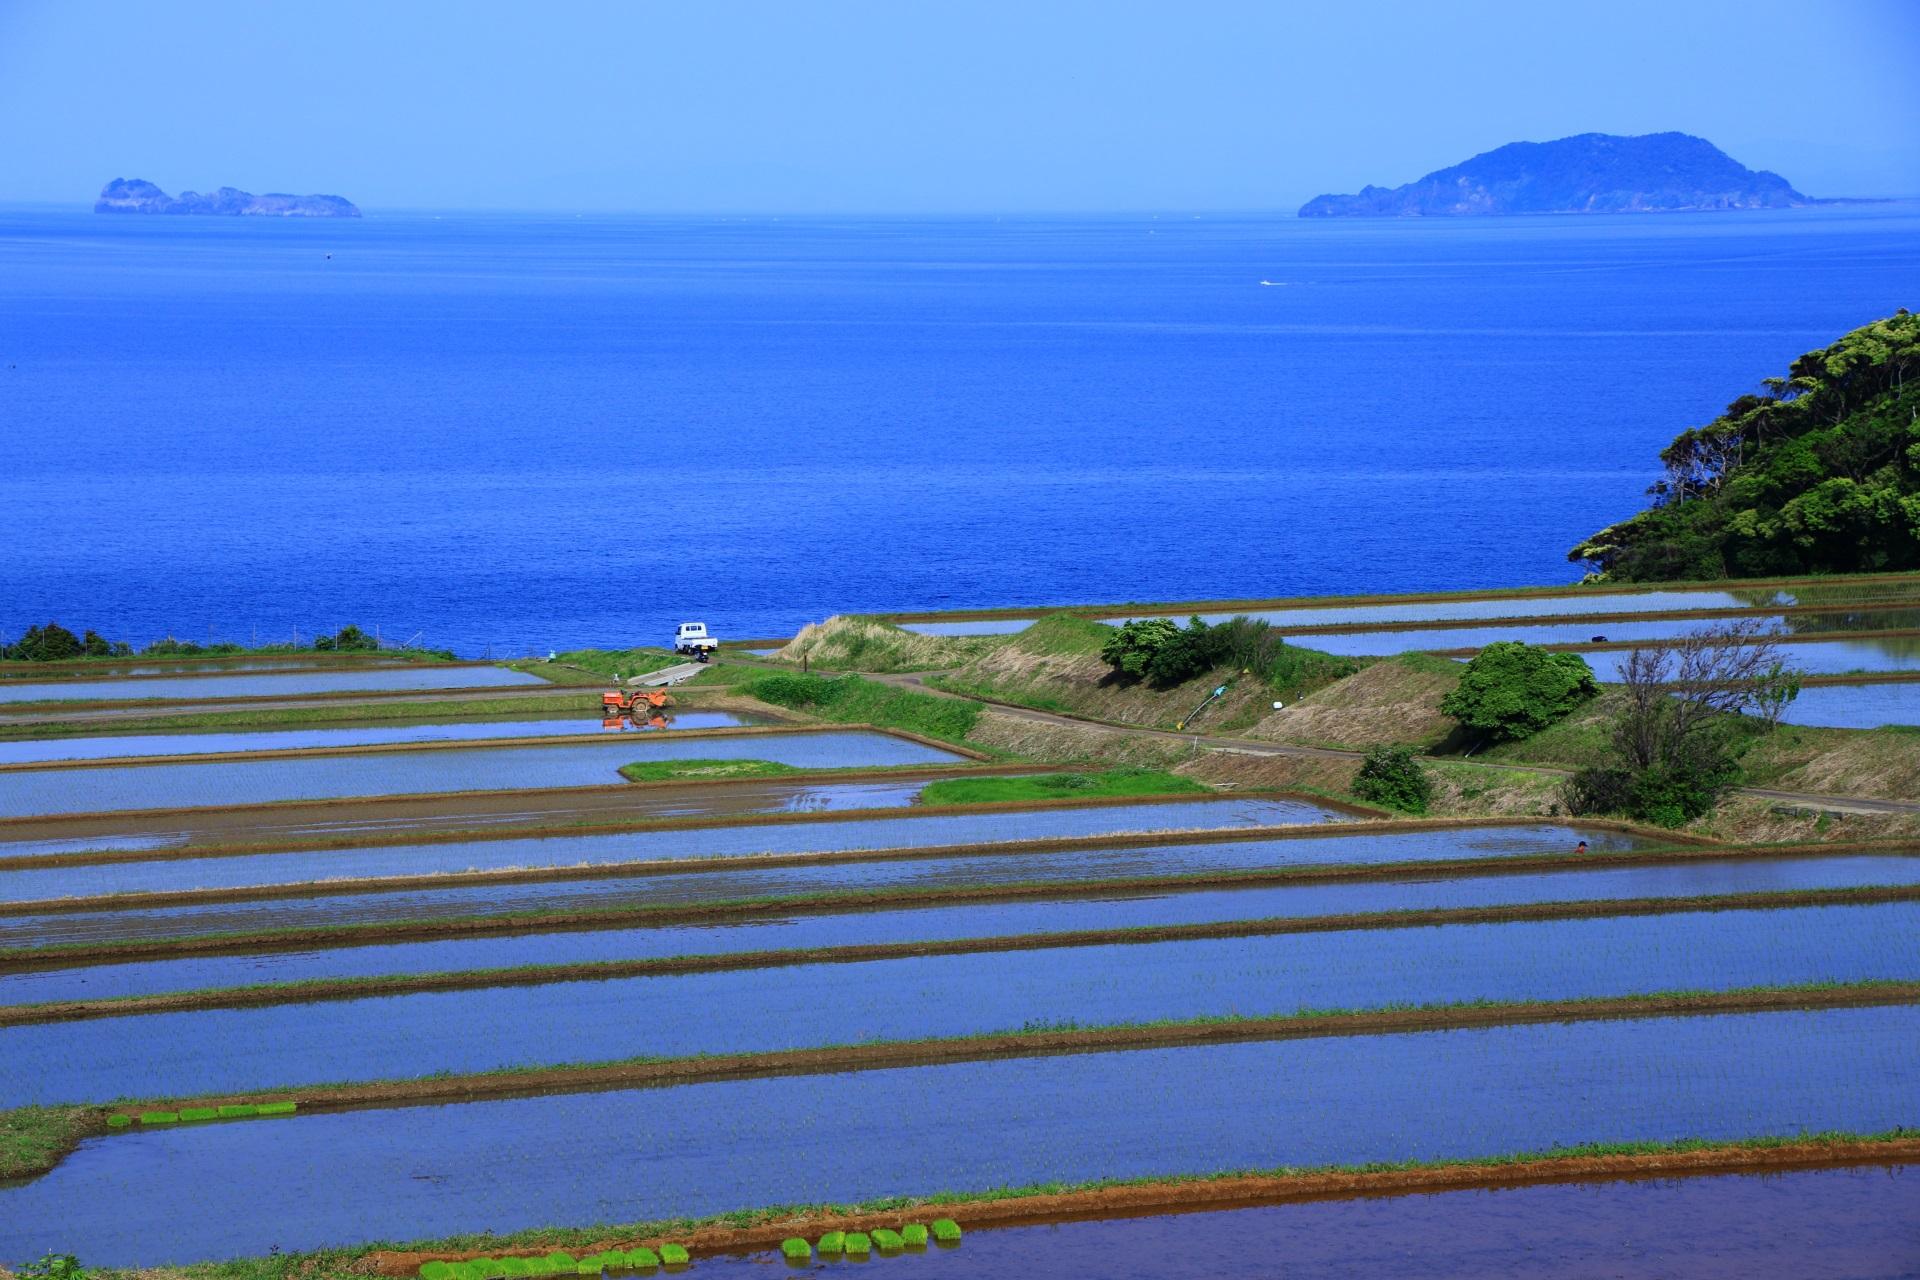 棚田の向こうに見える舞鶴市の沓島(くつじま)と冠島(かんむりじま)